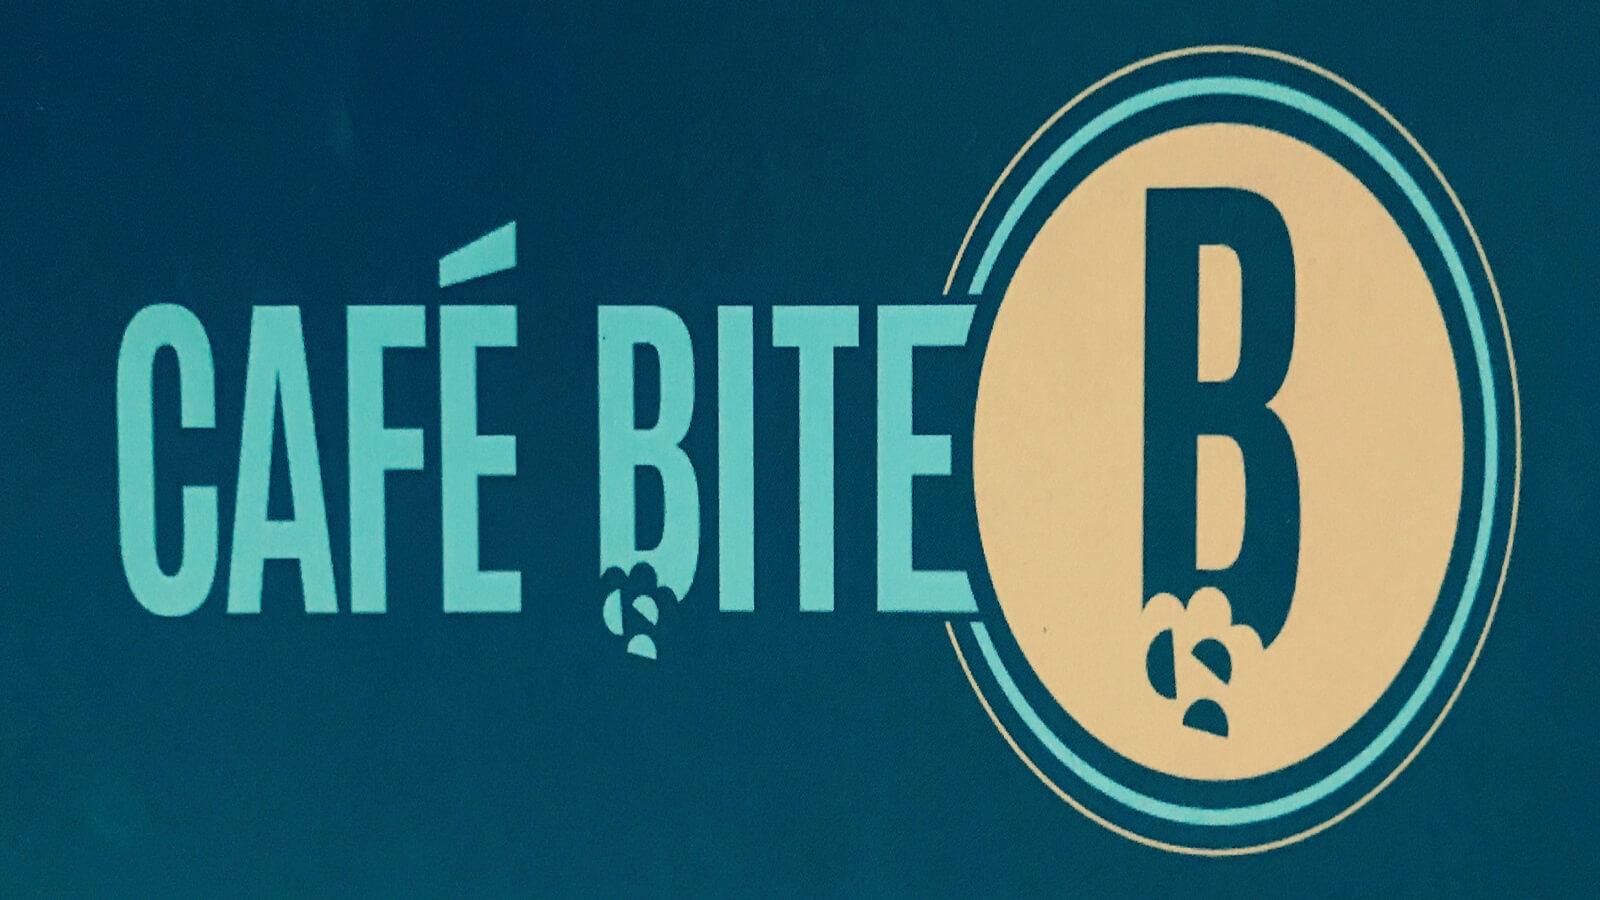 Café Bite